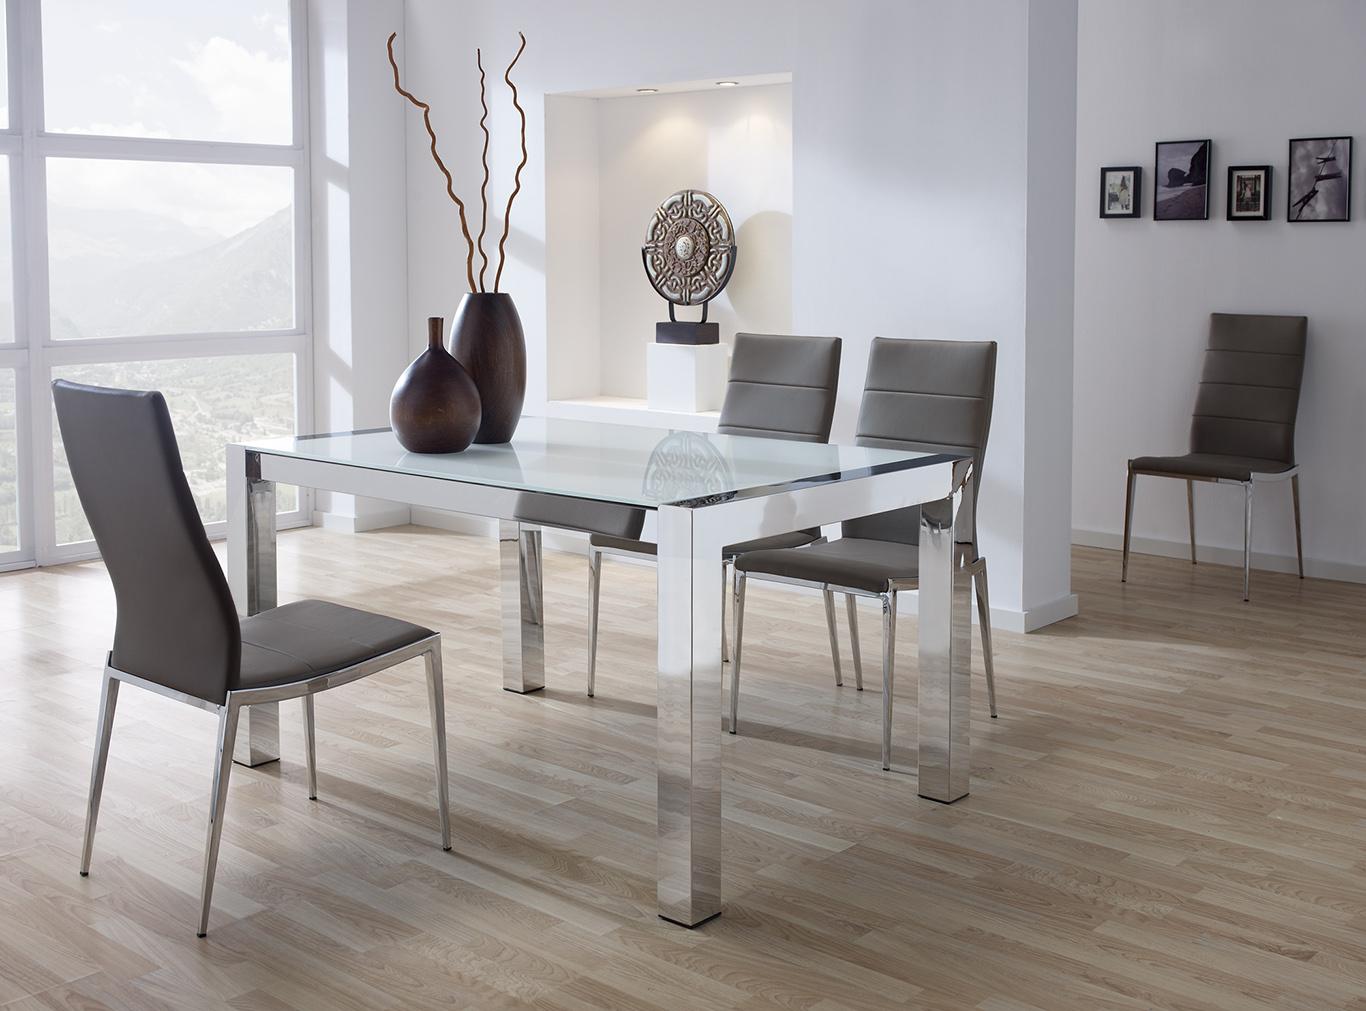 Mesas de comedor modernas for Mesas y sillas de comedor modernas y baratas